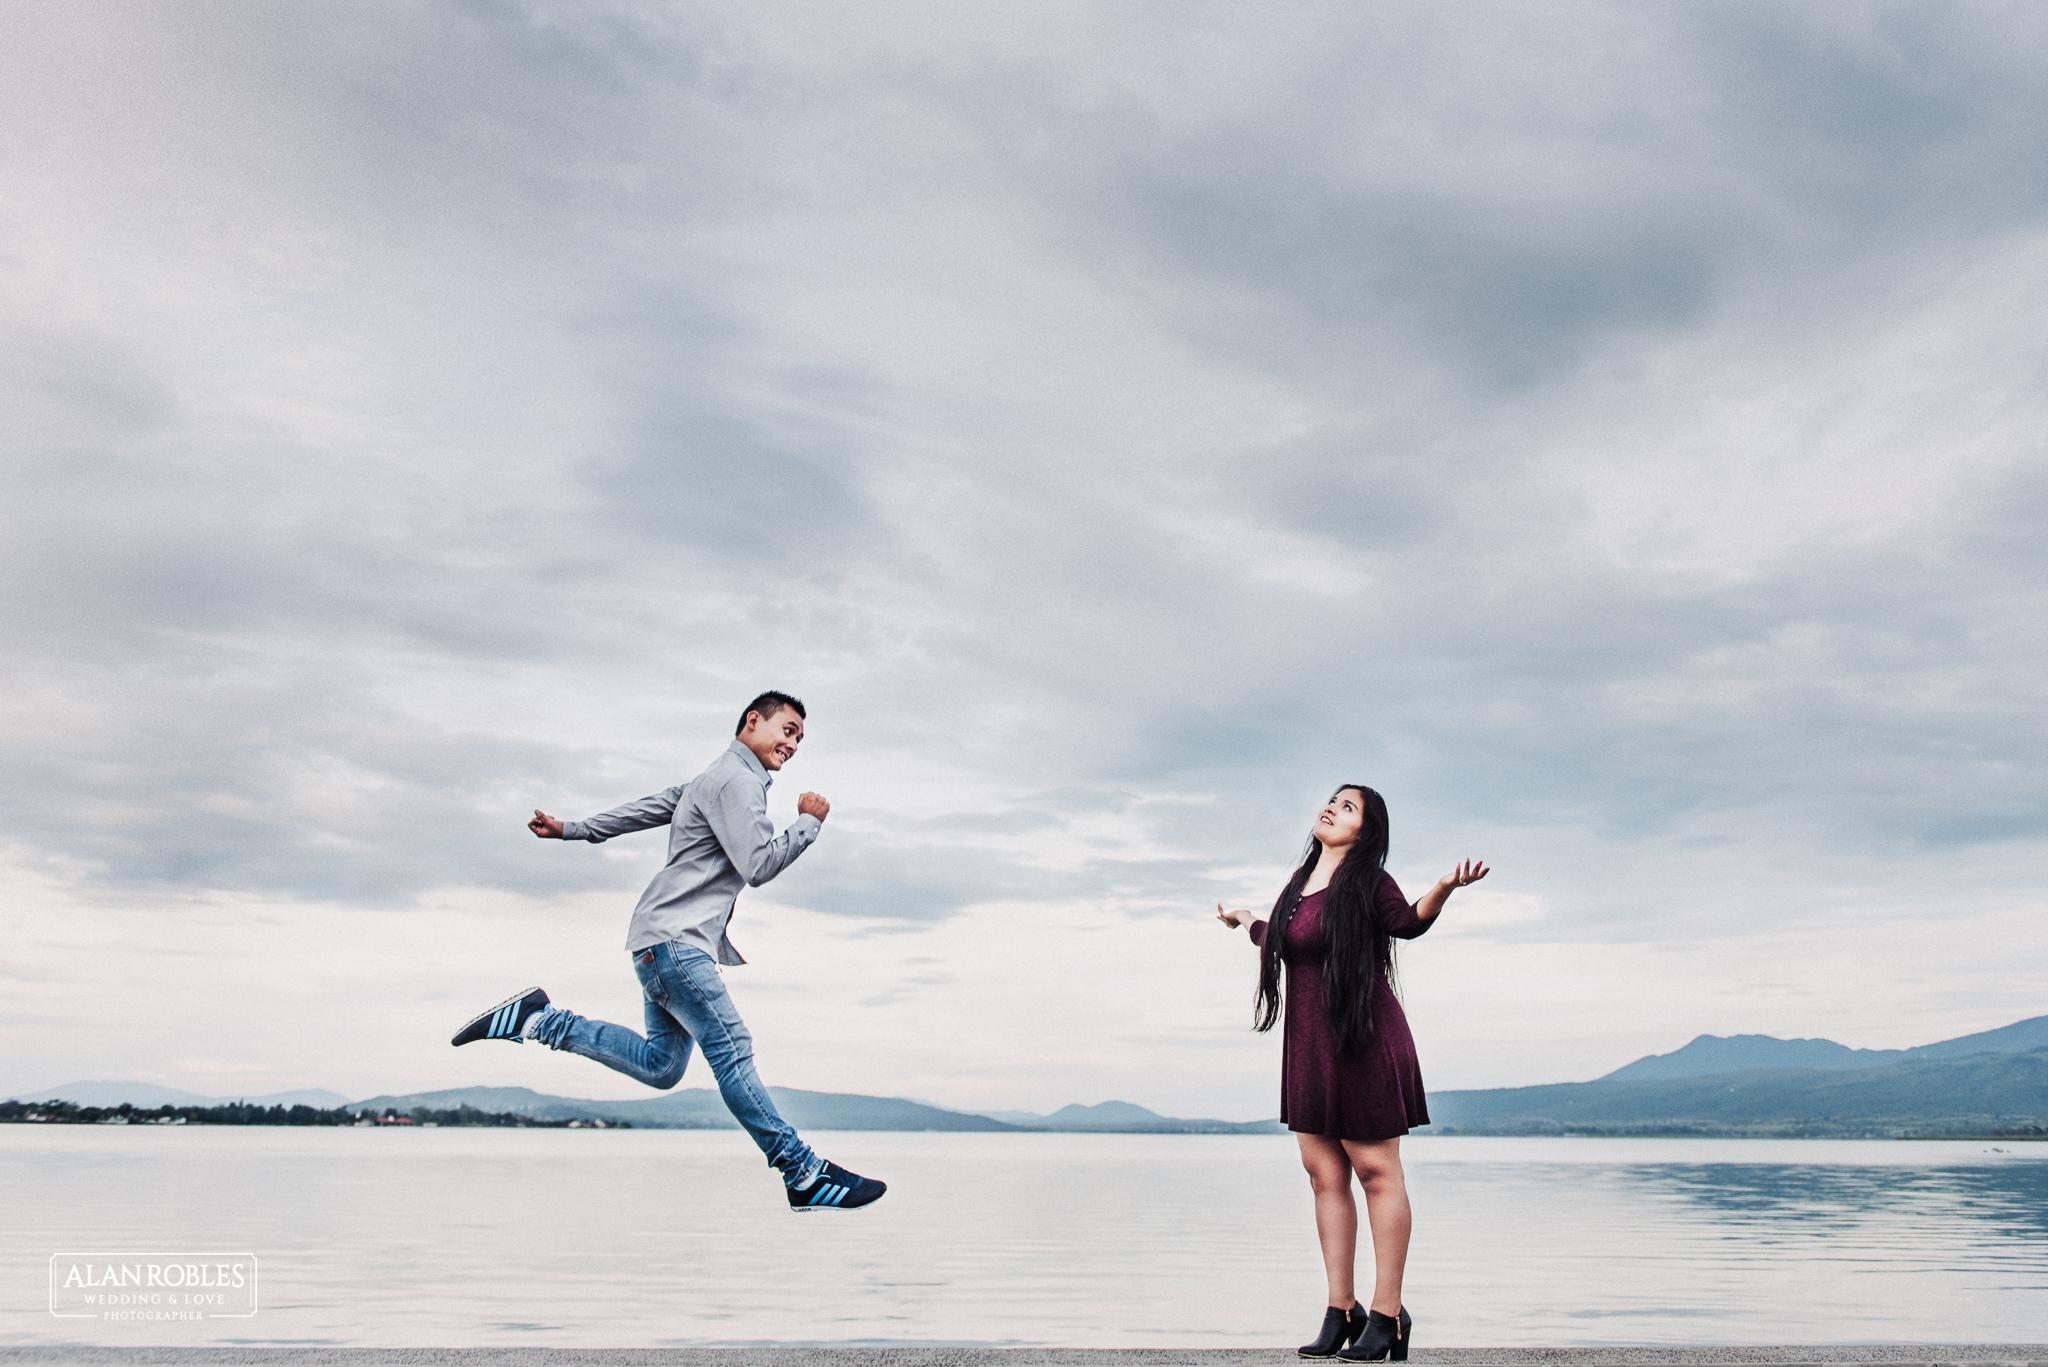 Sesion de fotos Preboda en Laguna de Cajititlan. Fotografia de bodas - Alan Robles Wedding & Love Photographer, Fotografo de bodas en Guadalajara. Muelle en lago, fotos creativas para boda. Ideas para fotos de boda. Fotos divertidas, sesion divertida de amor.